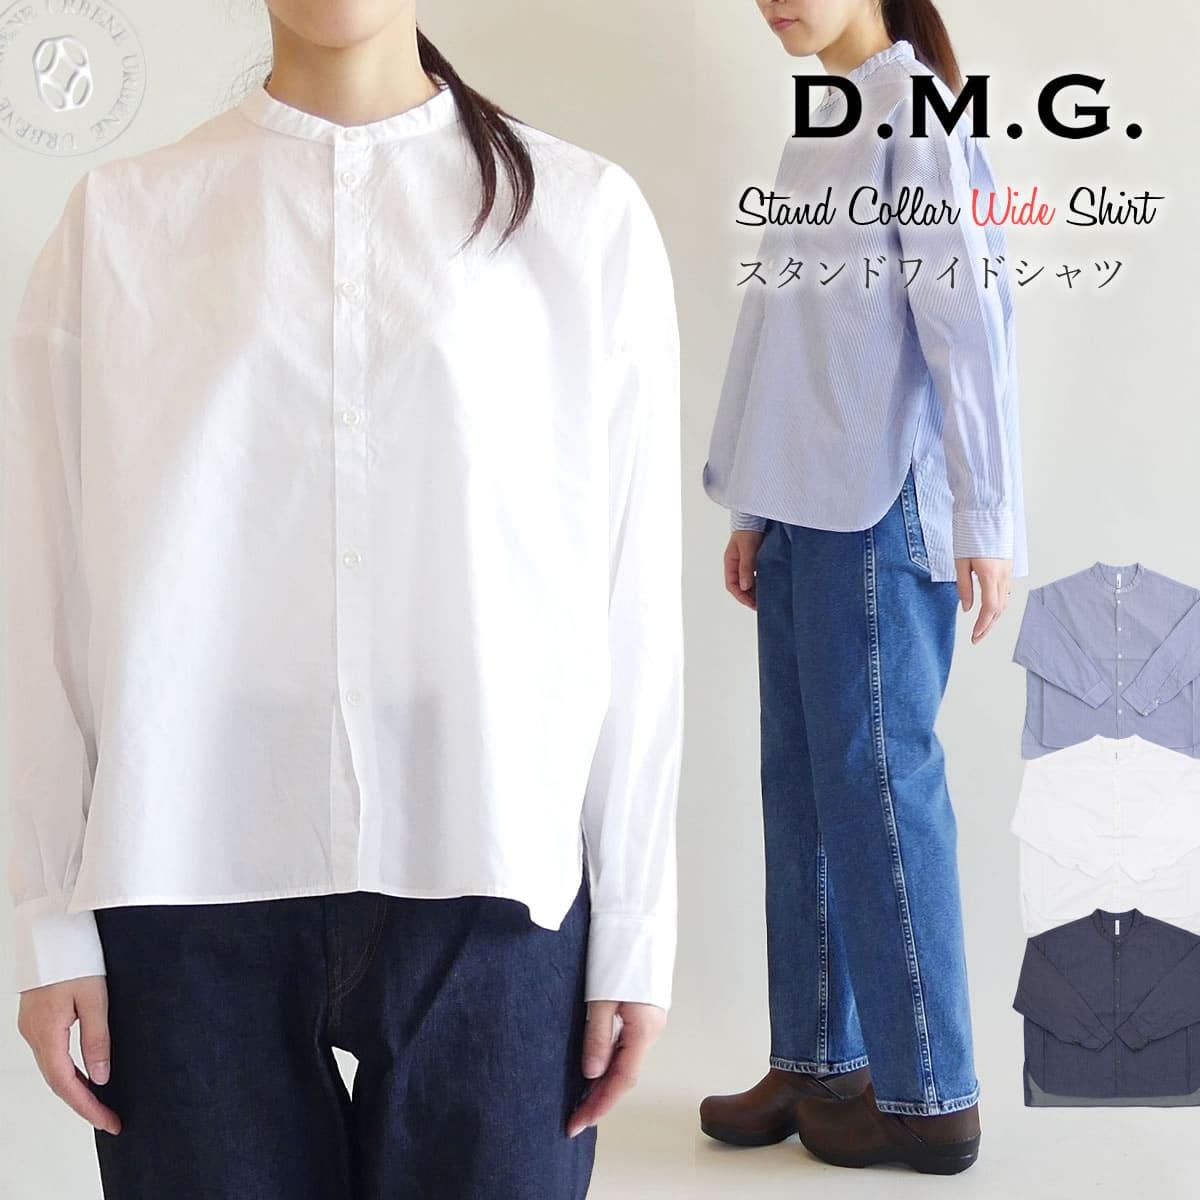 ドミンゴ DMG 長袖 スタンドワイドシャツ (16-569e/16-570x/16-571x) ドロップショルダー ビックシルエット トップス ディーエムジー 3.5ozライトウェイトデニム ブロード レディース おしゃれ ブラウス 立ち襟 ホワイト ネイビー ストライプ 普段使い 実用的